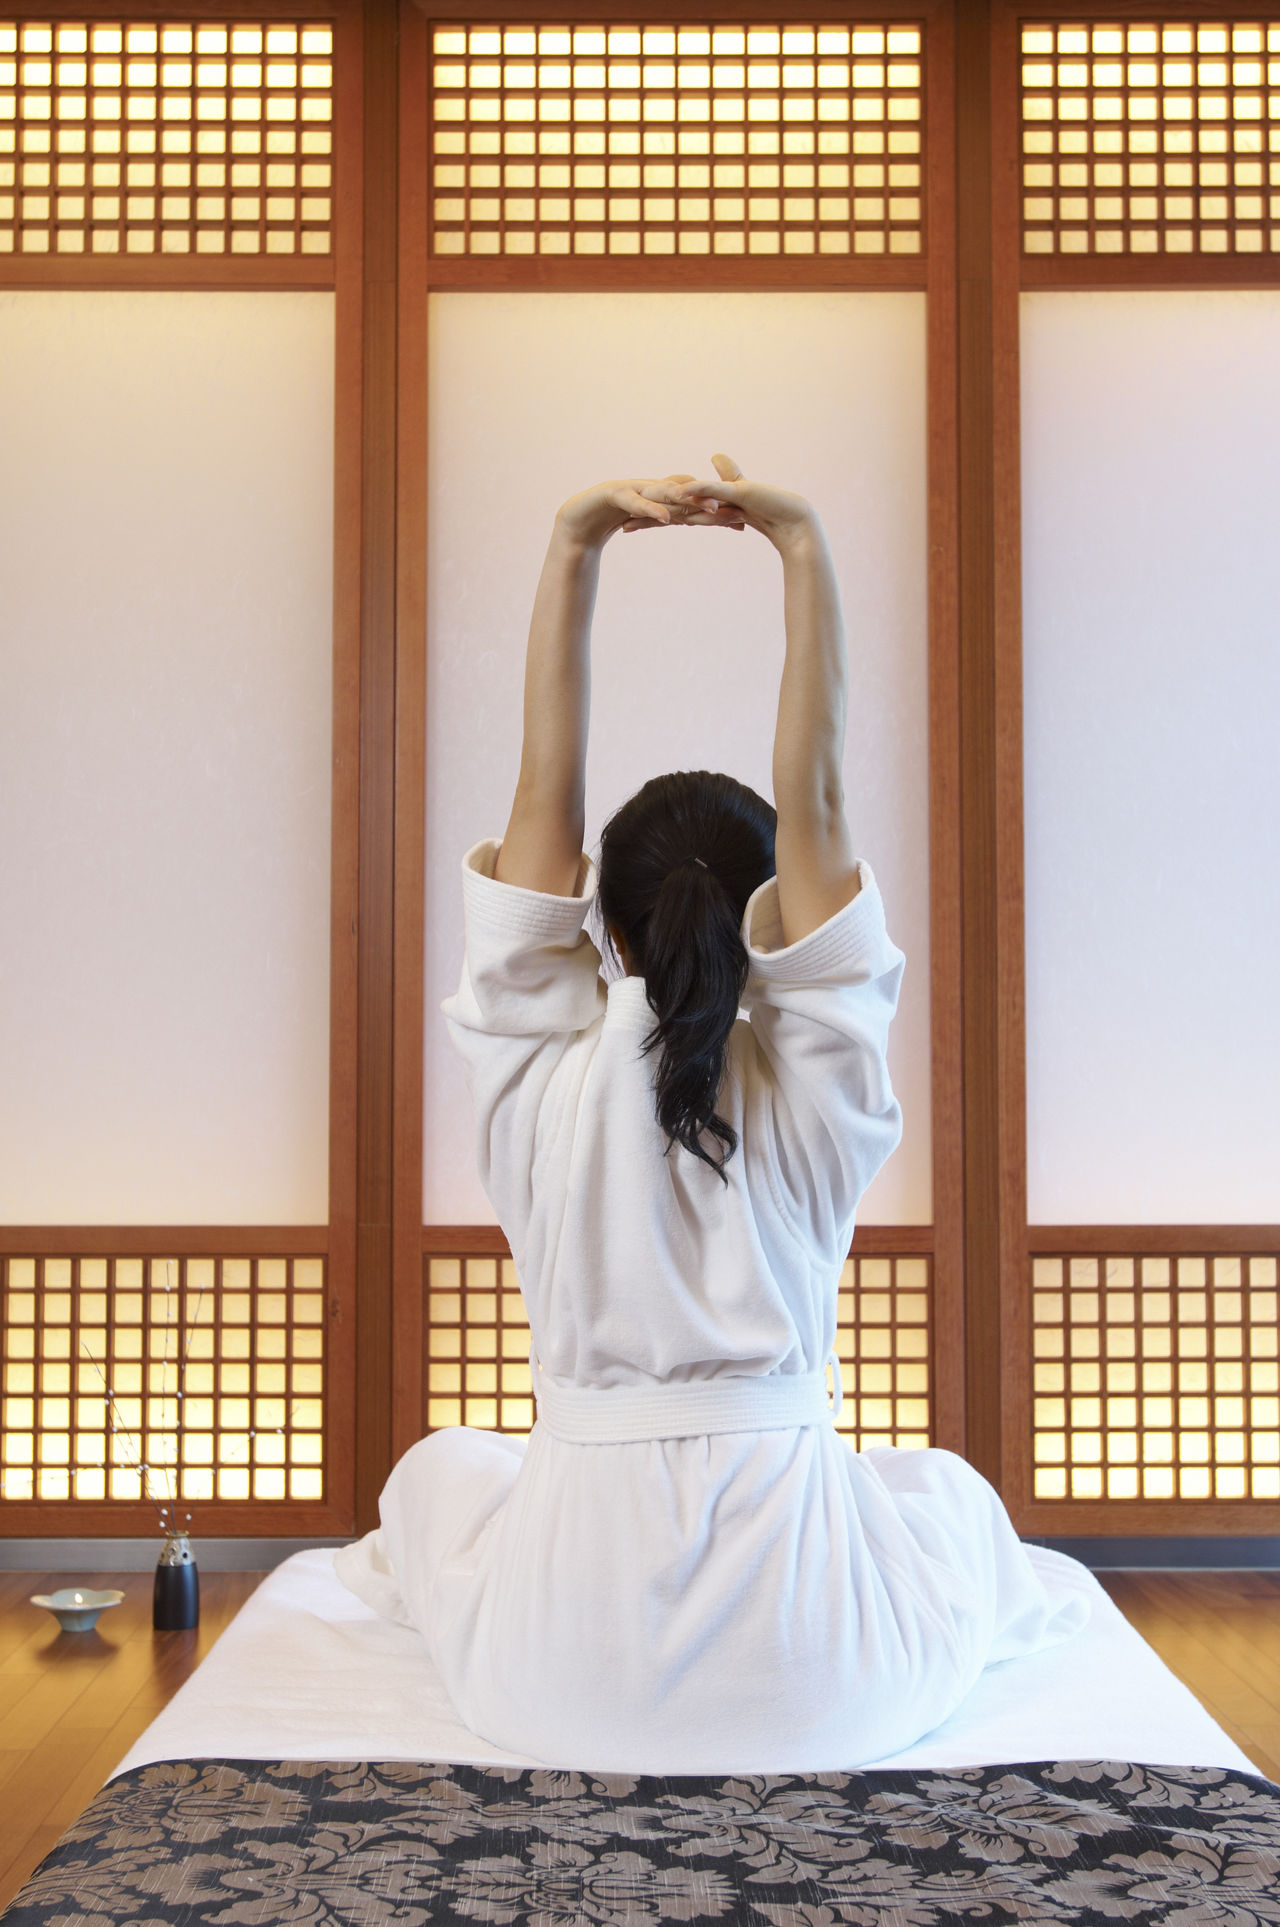 Yoga women Full Length Korean Room Lifestyles Meditation Relax Sitting Women Yoga Yolllee